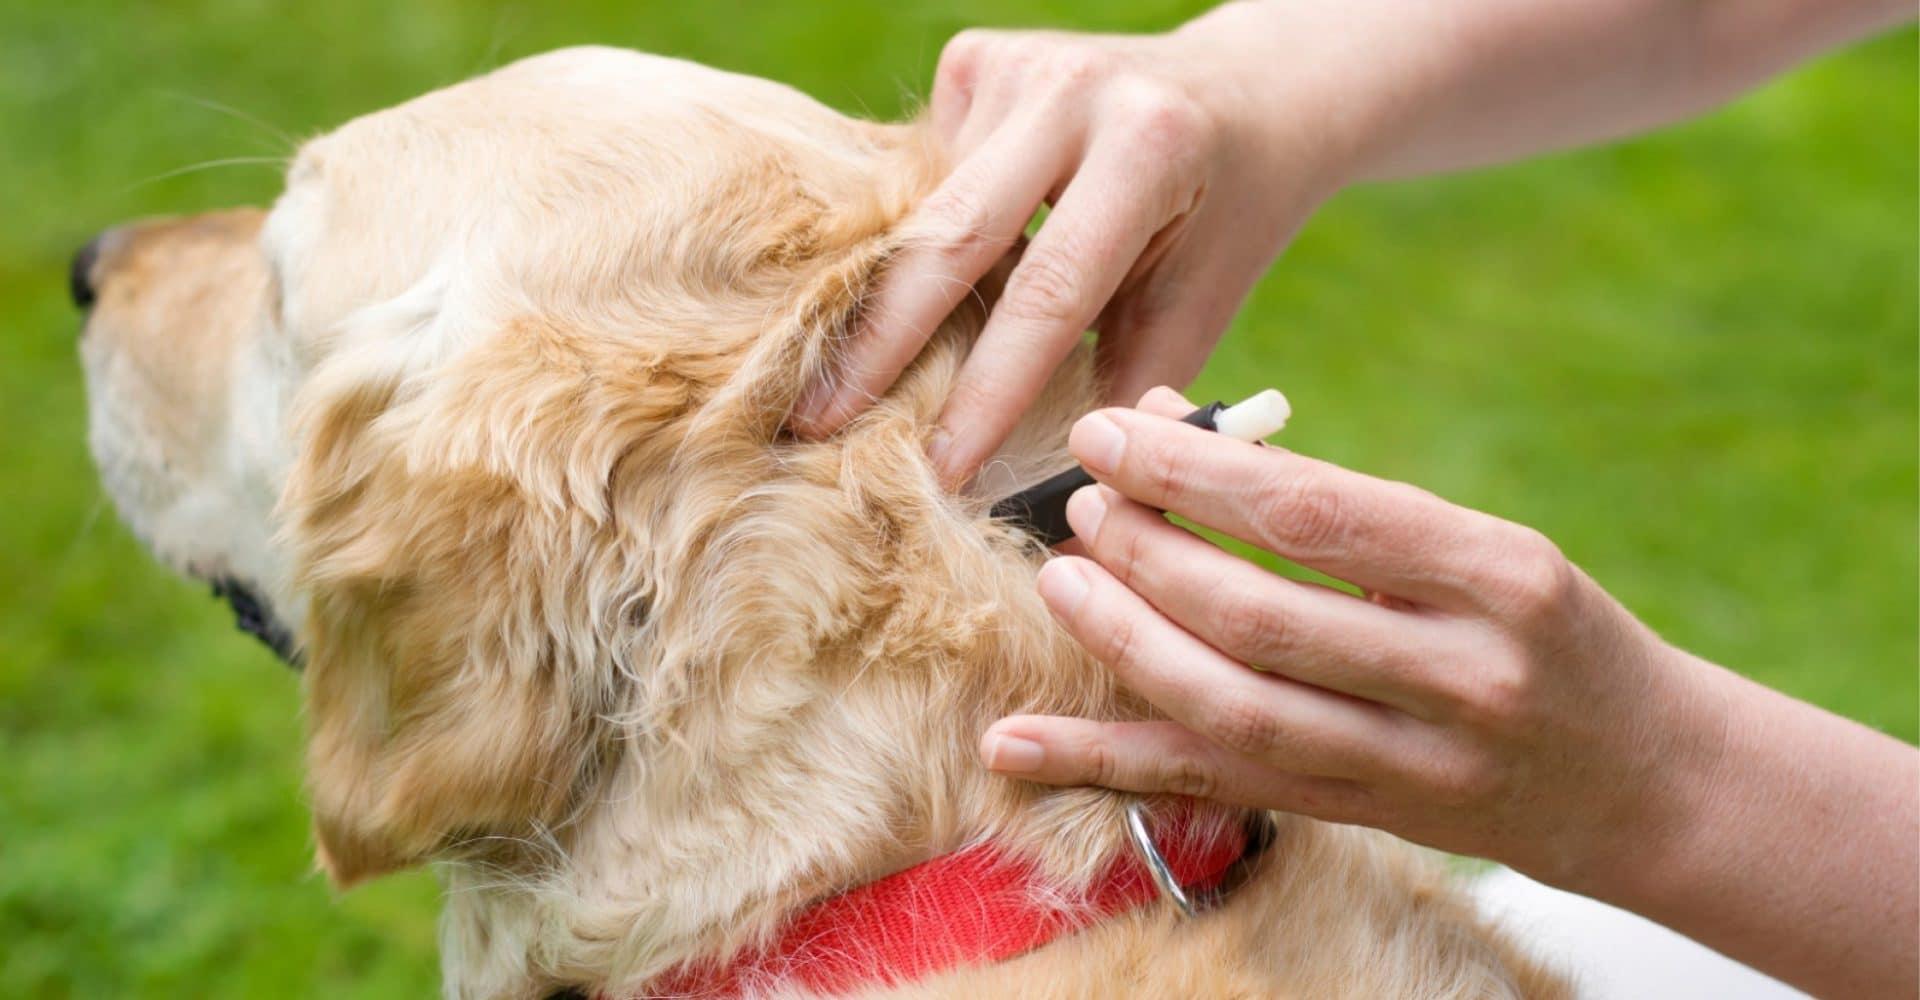 Что делать, если собаку покусали комары и мошки. собаки и насекомые – способы защиты питомцев чем можно мазать собаку от мошки